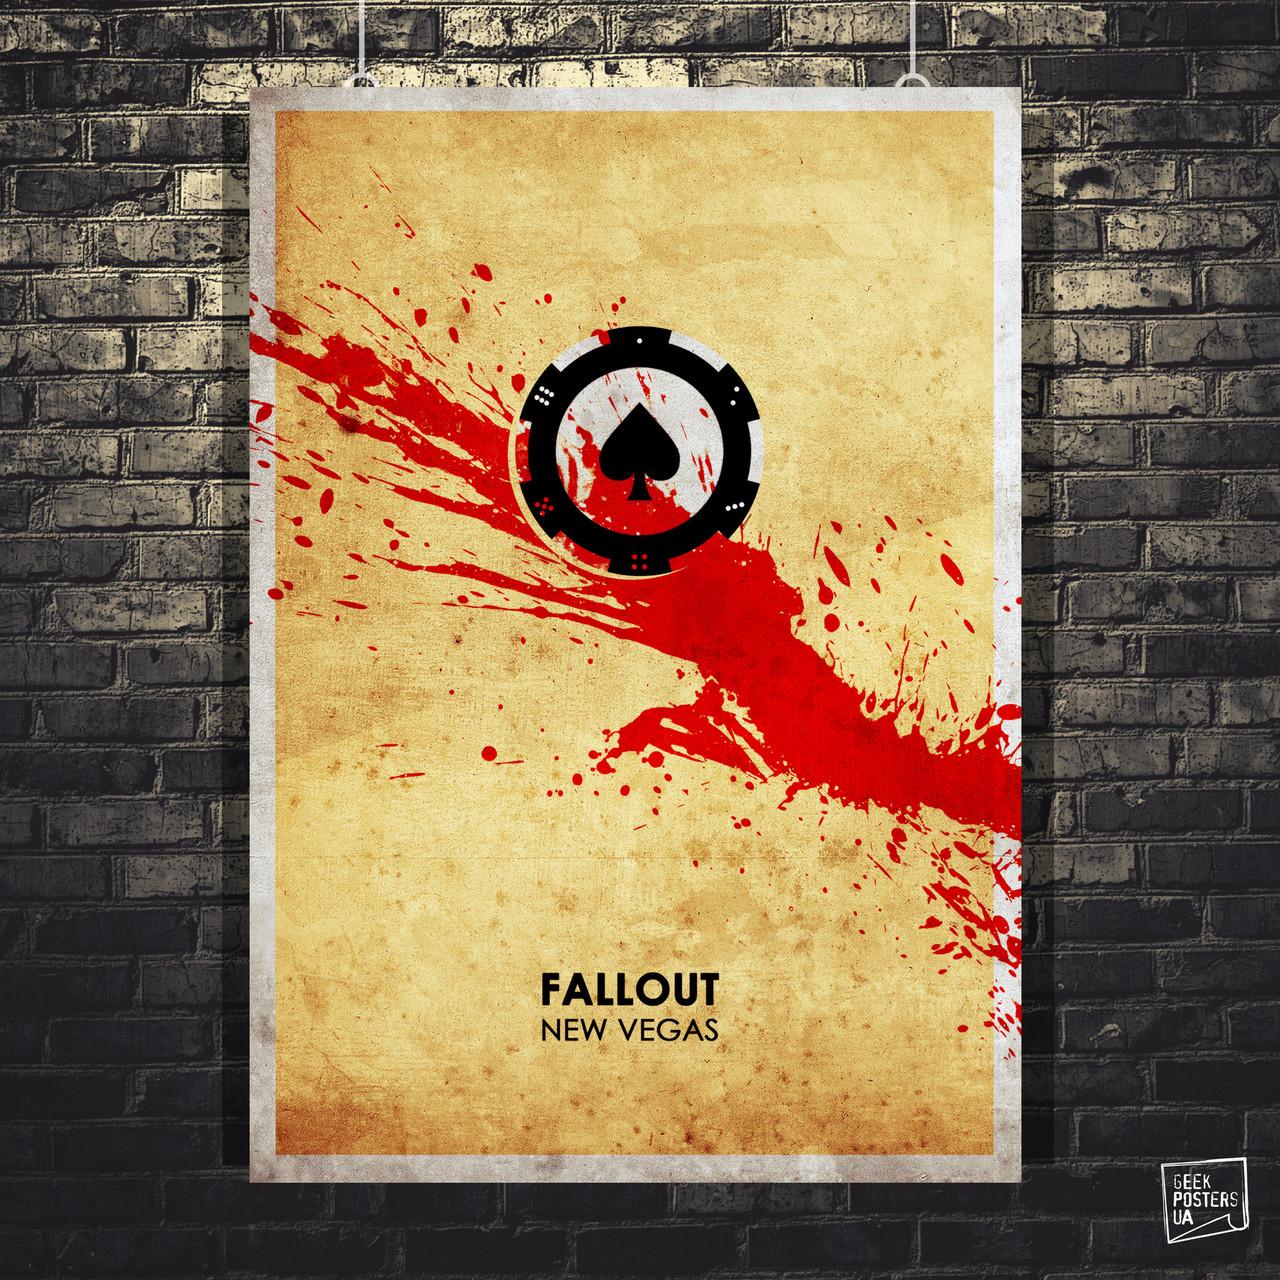 Постер Fallout New Vegas, Фаллаут. Размер 60x42см (A2). Глянцевая бумага